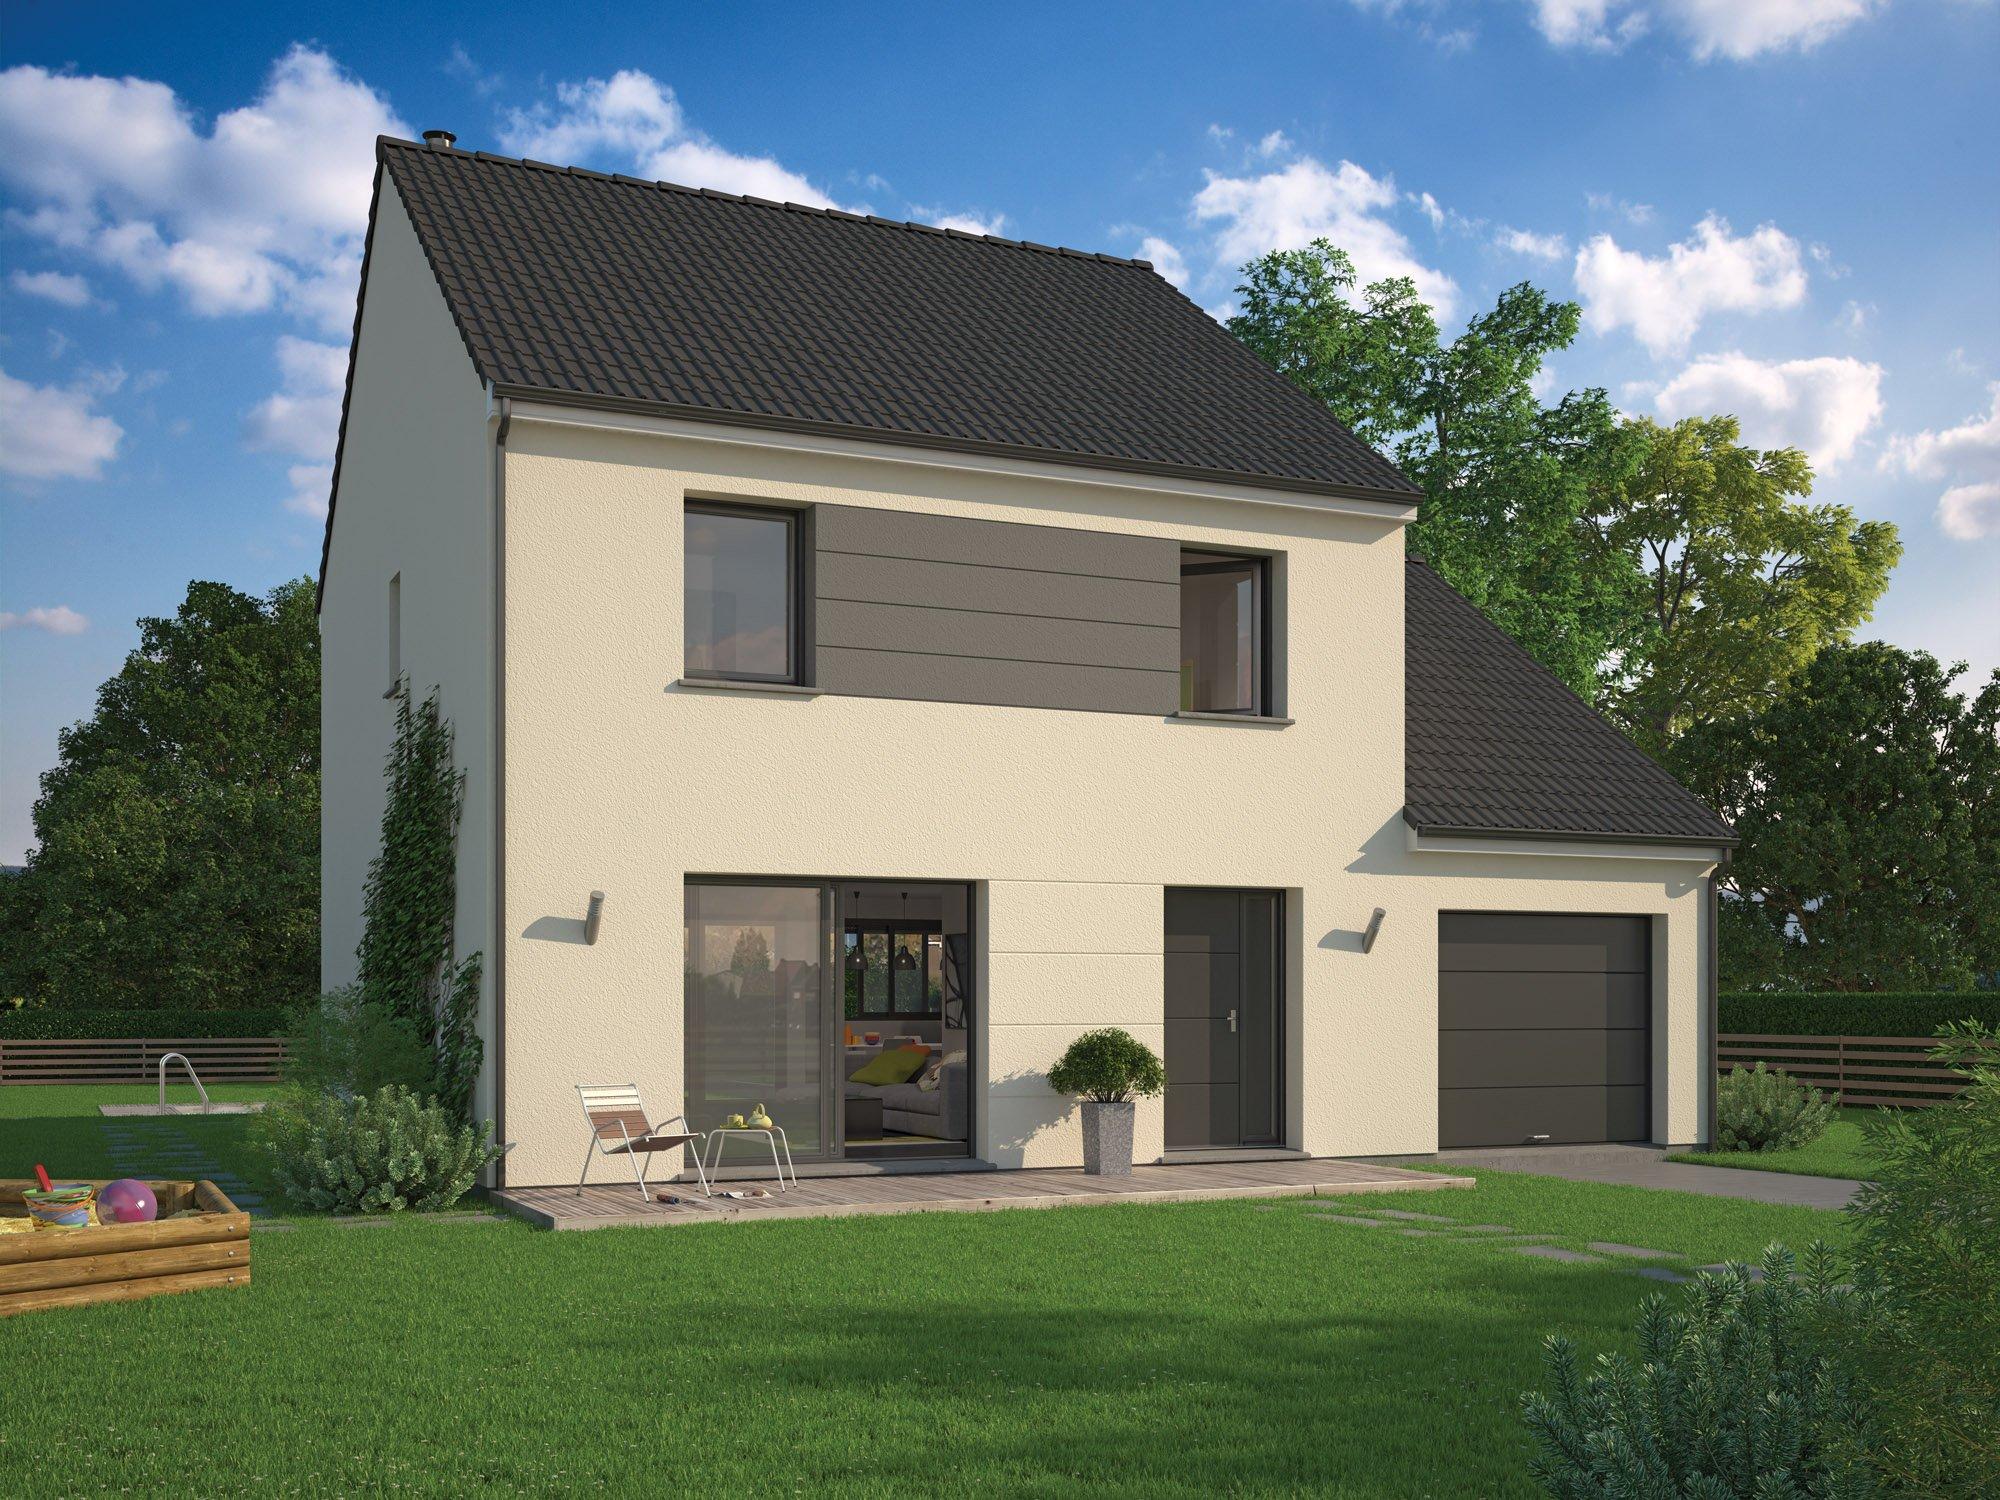 Maisons + Terrains du constructeur MAISON FAMILIALE • 95 m² • ARGENTEUIL